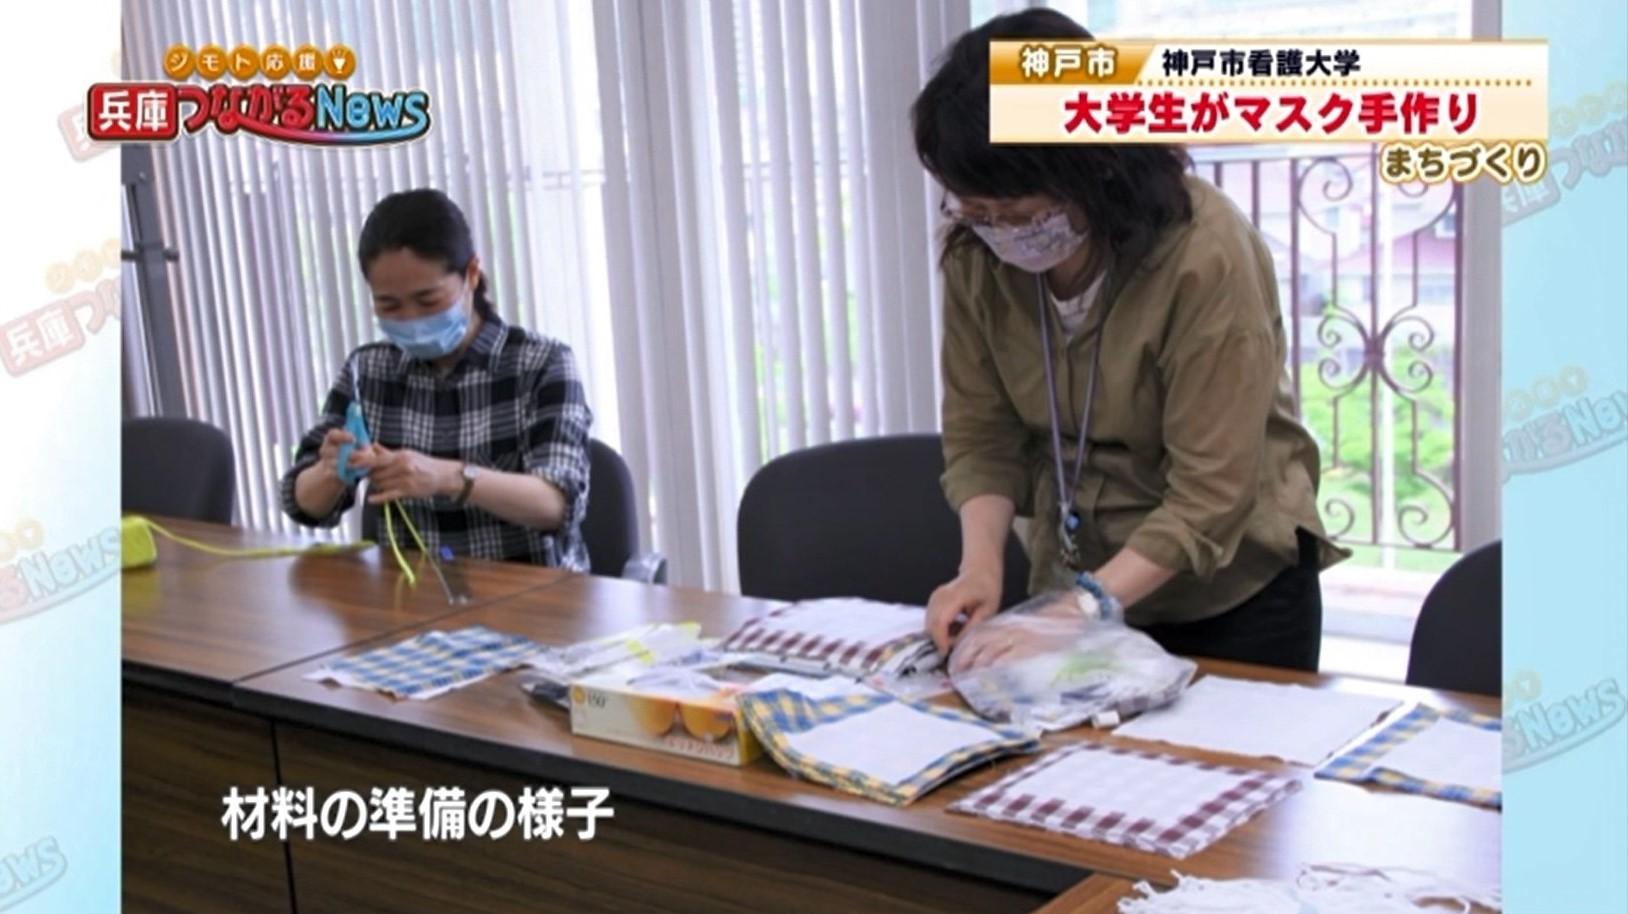 いちかん手作りマスクプロジェクトの取り組みがJ:COM TVで放送されます